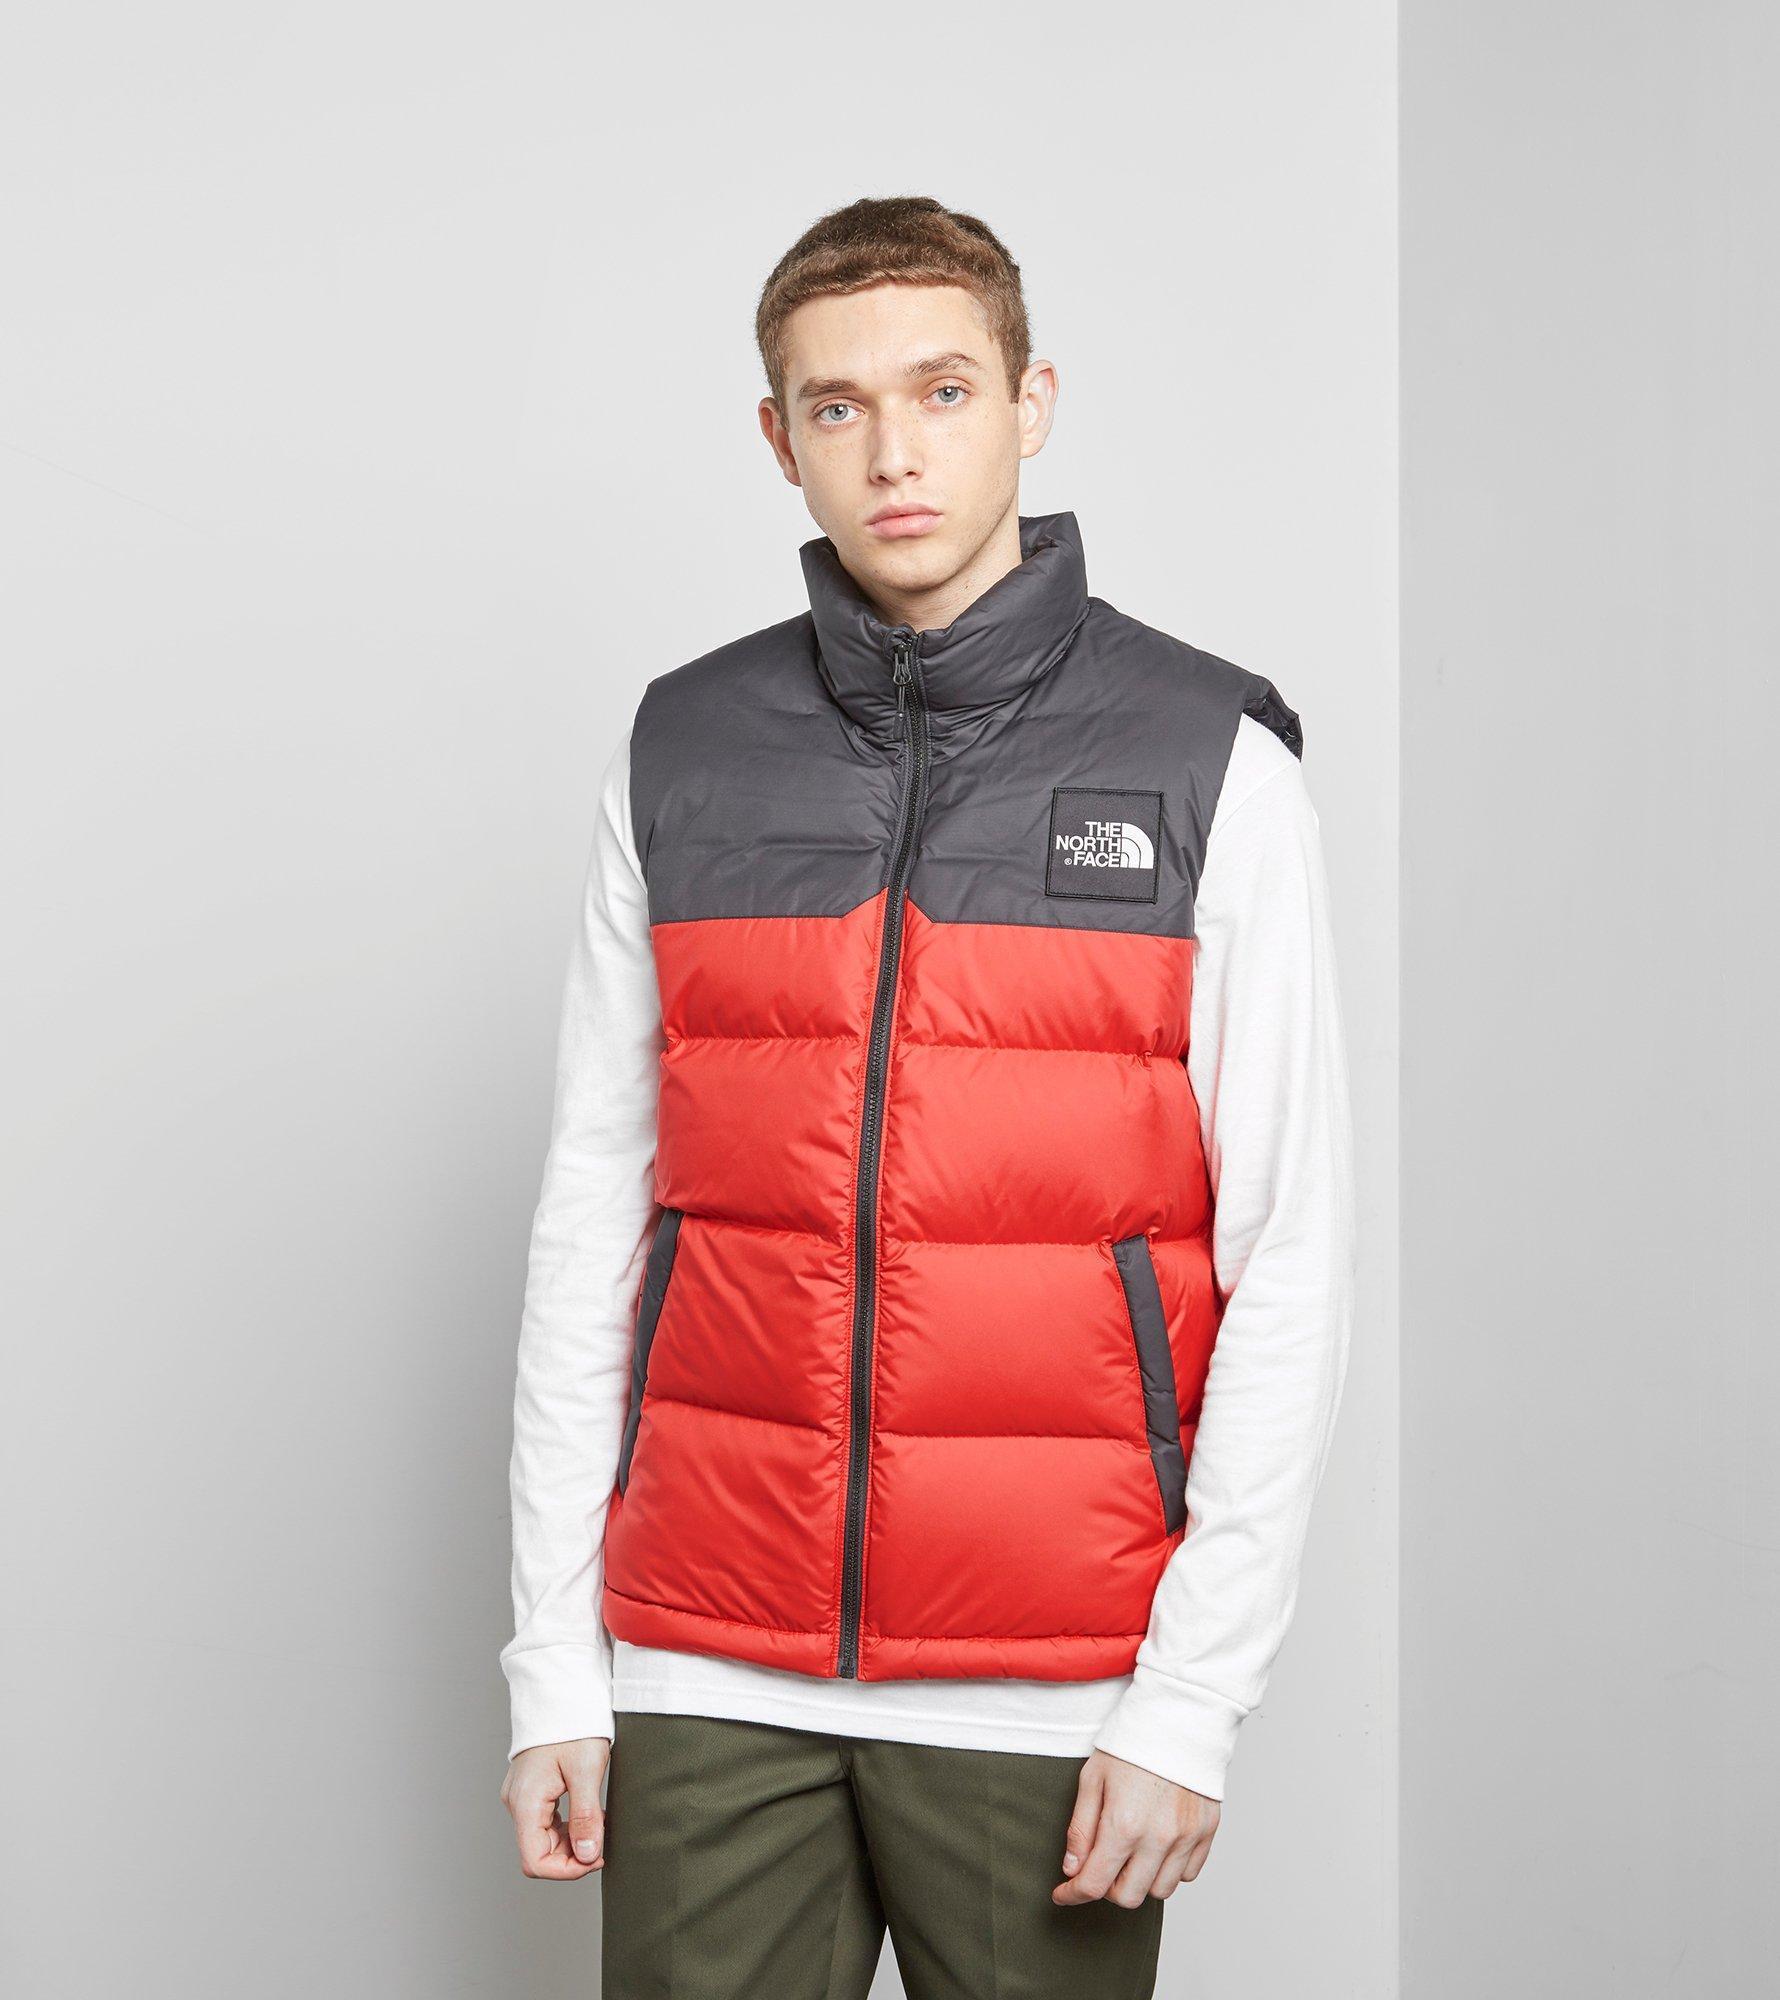 Lyst - The North Face 1992 Nuptse Vest in Red for Men 9f2e45da8